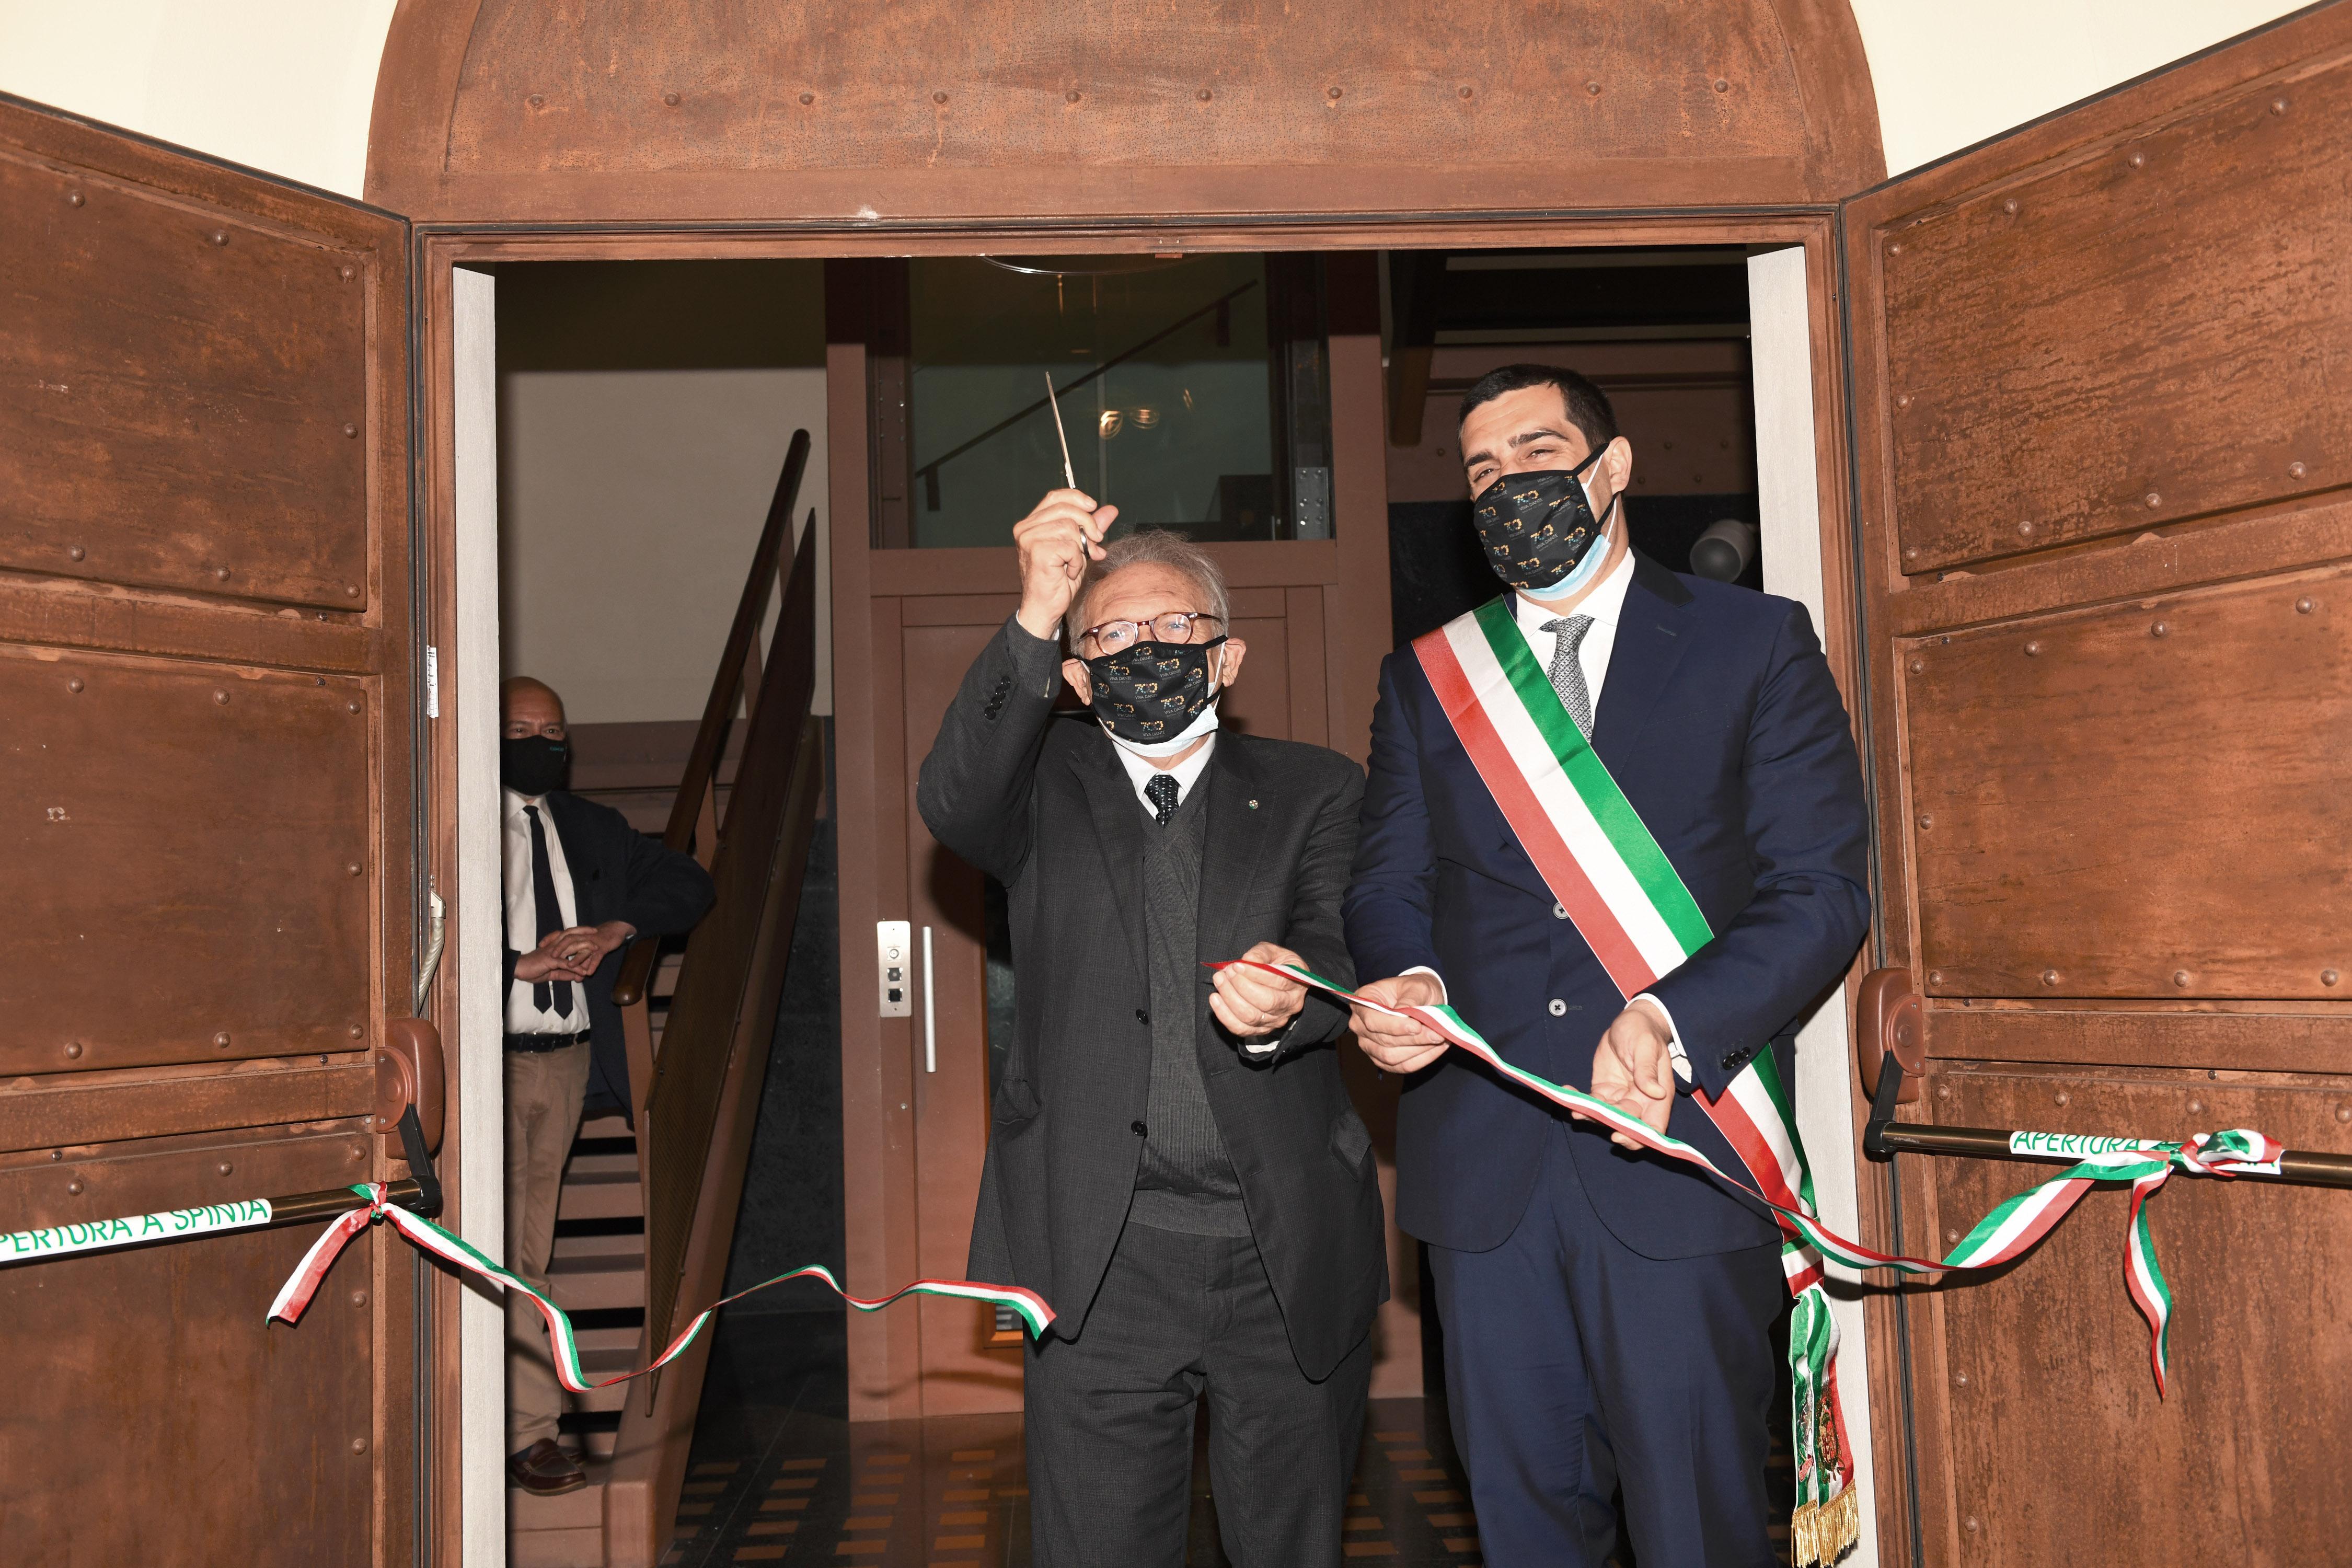 15/05/2021   Ravenna  Inaugurazione del Museo Dante alla presenza del ministro dell' Istruzione. nella foto il tradizionale taglio del nastro da parte del ministro Patrizio Bianchi e il sindaco Michele de Pascale.